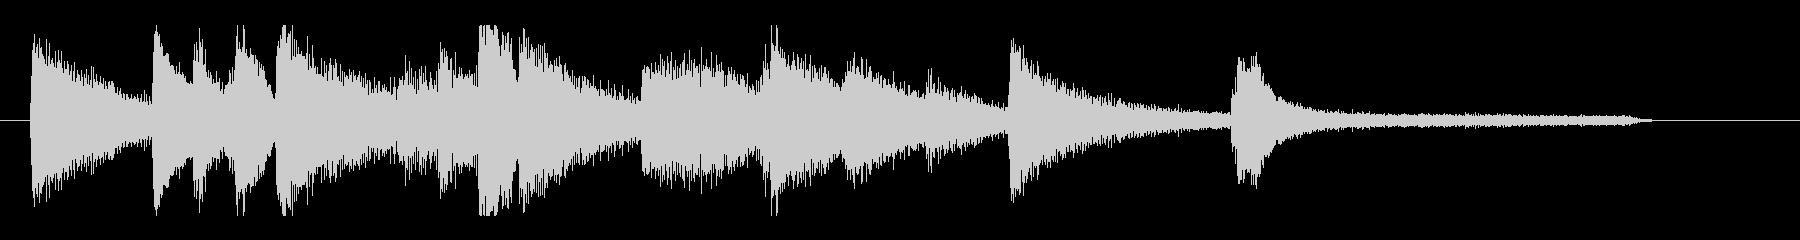 静かで落ち着いたスロージャズピアノのロゴの未再生の波形